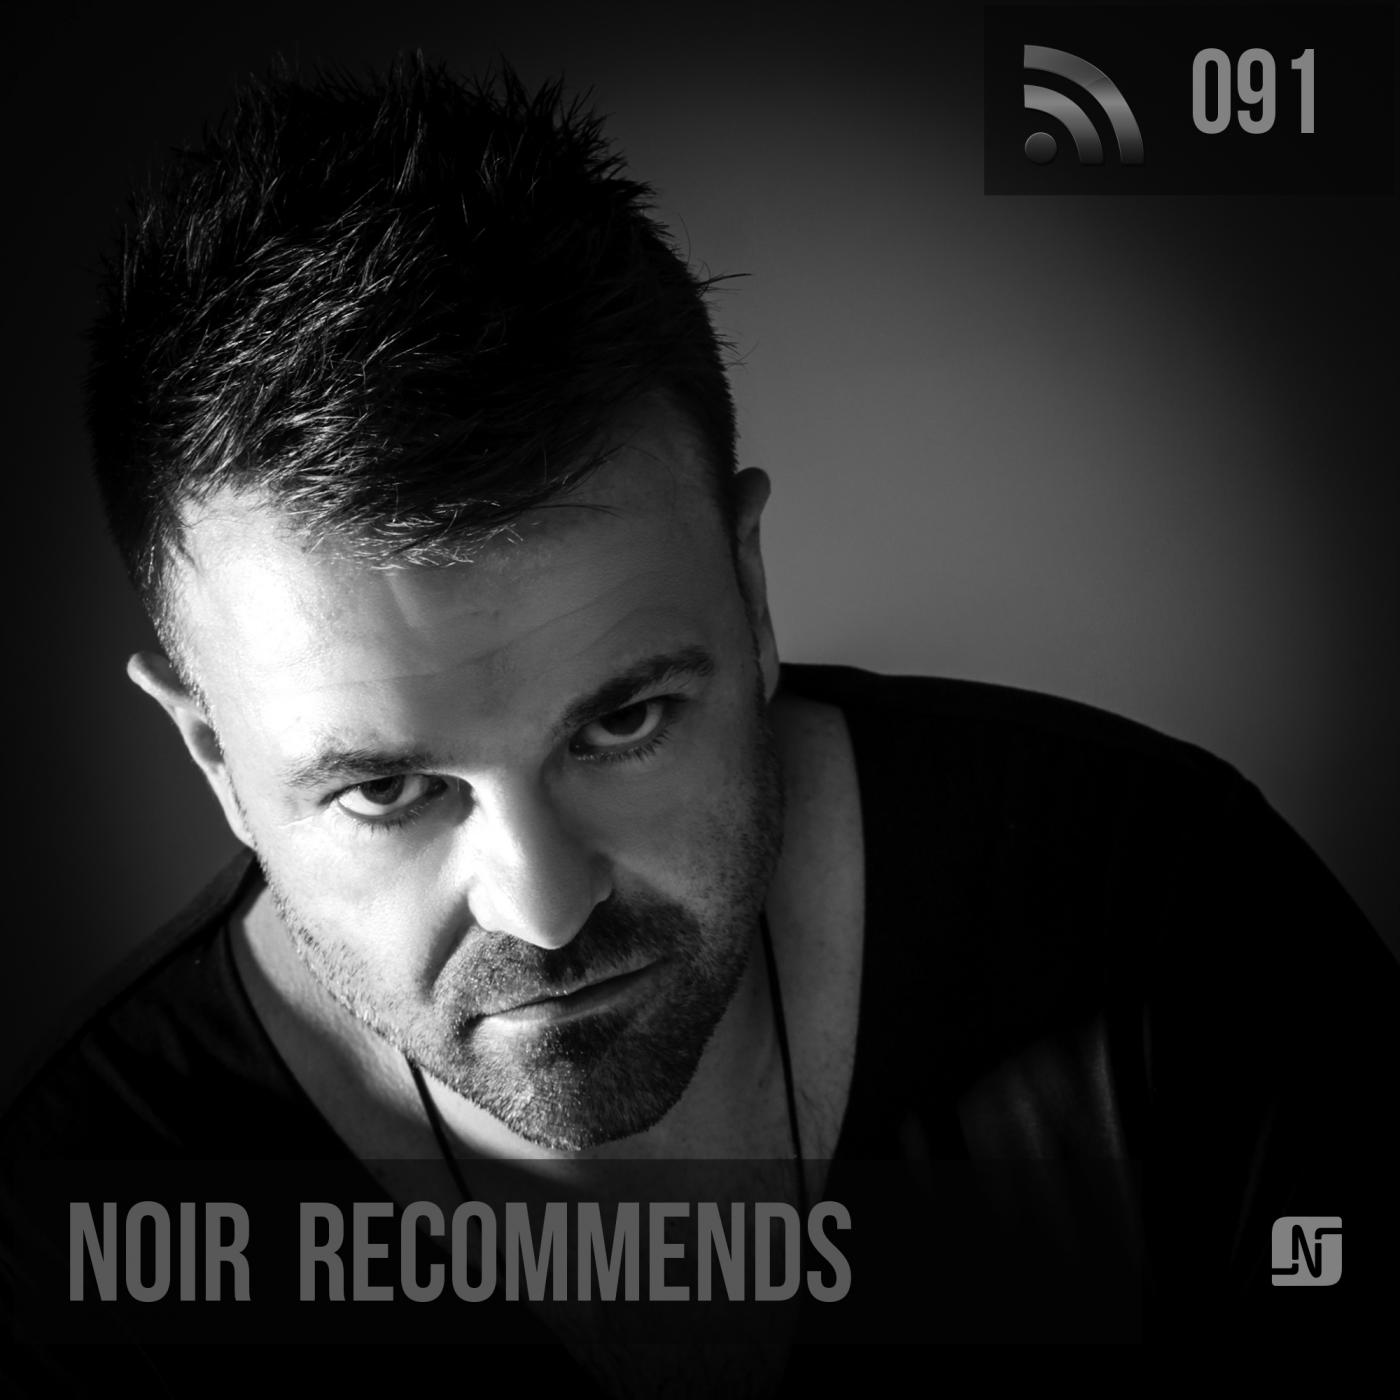 Noir Recommends 091 | Noir